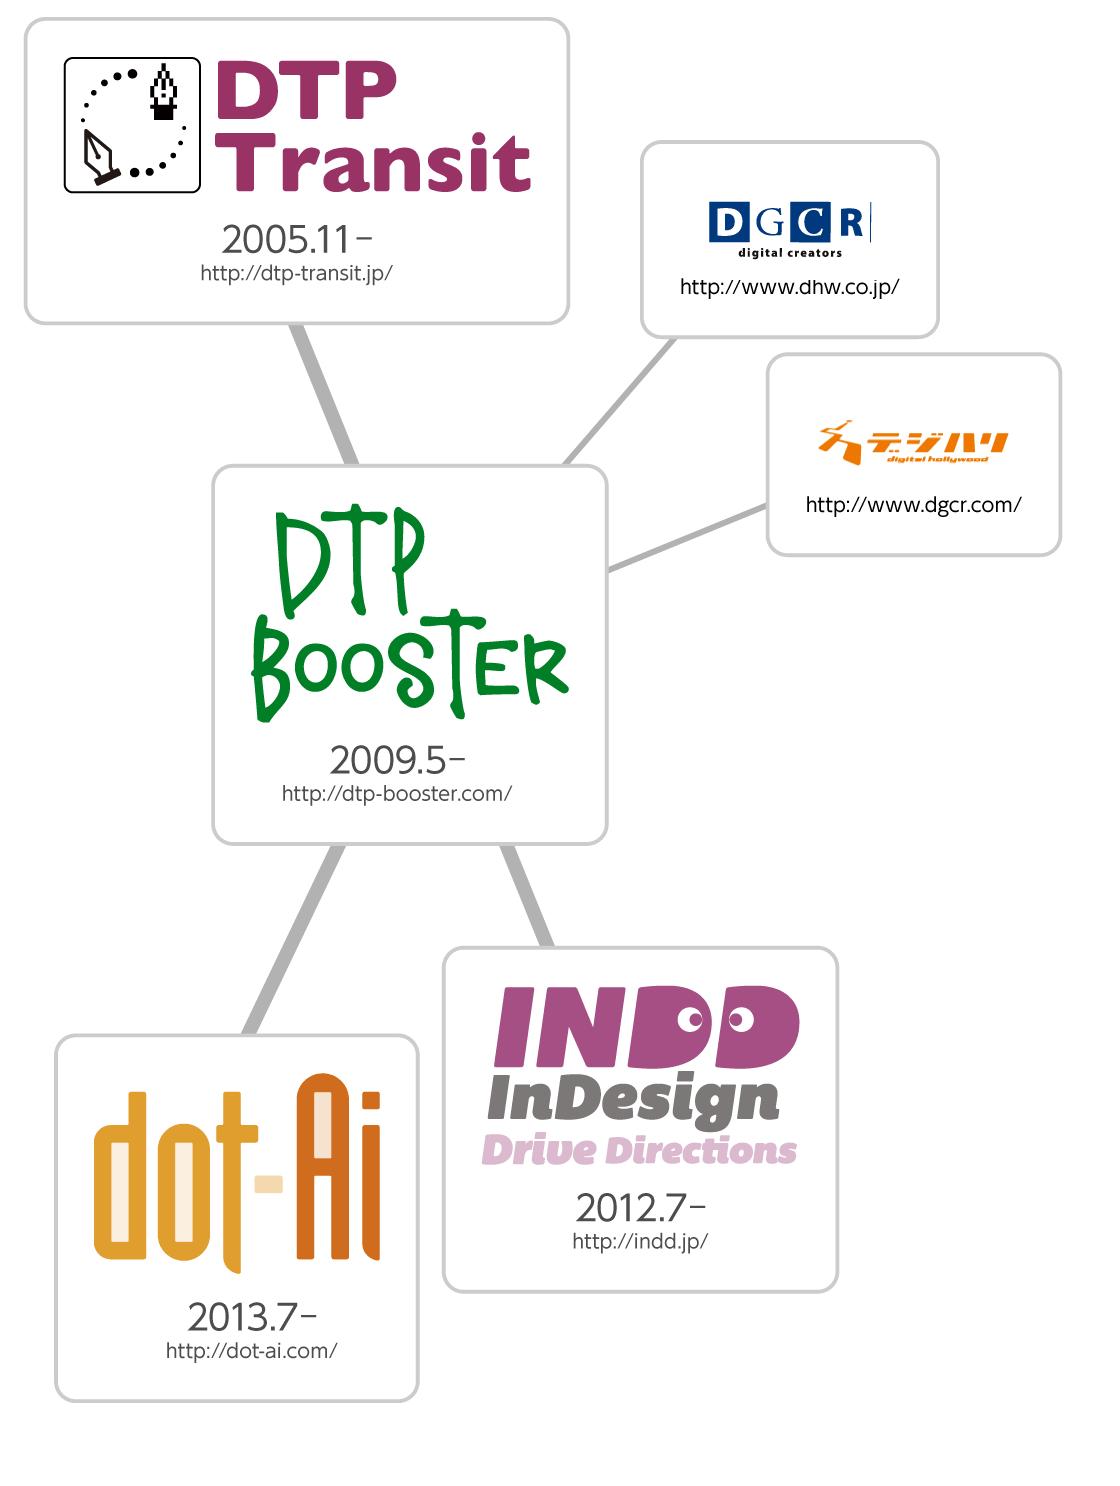 logo-dtp-brands.png